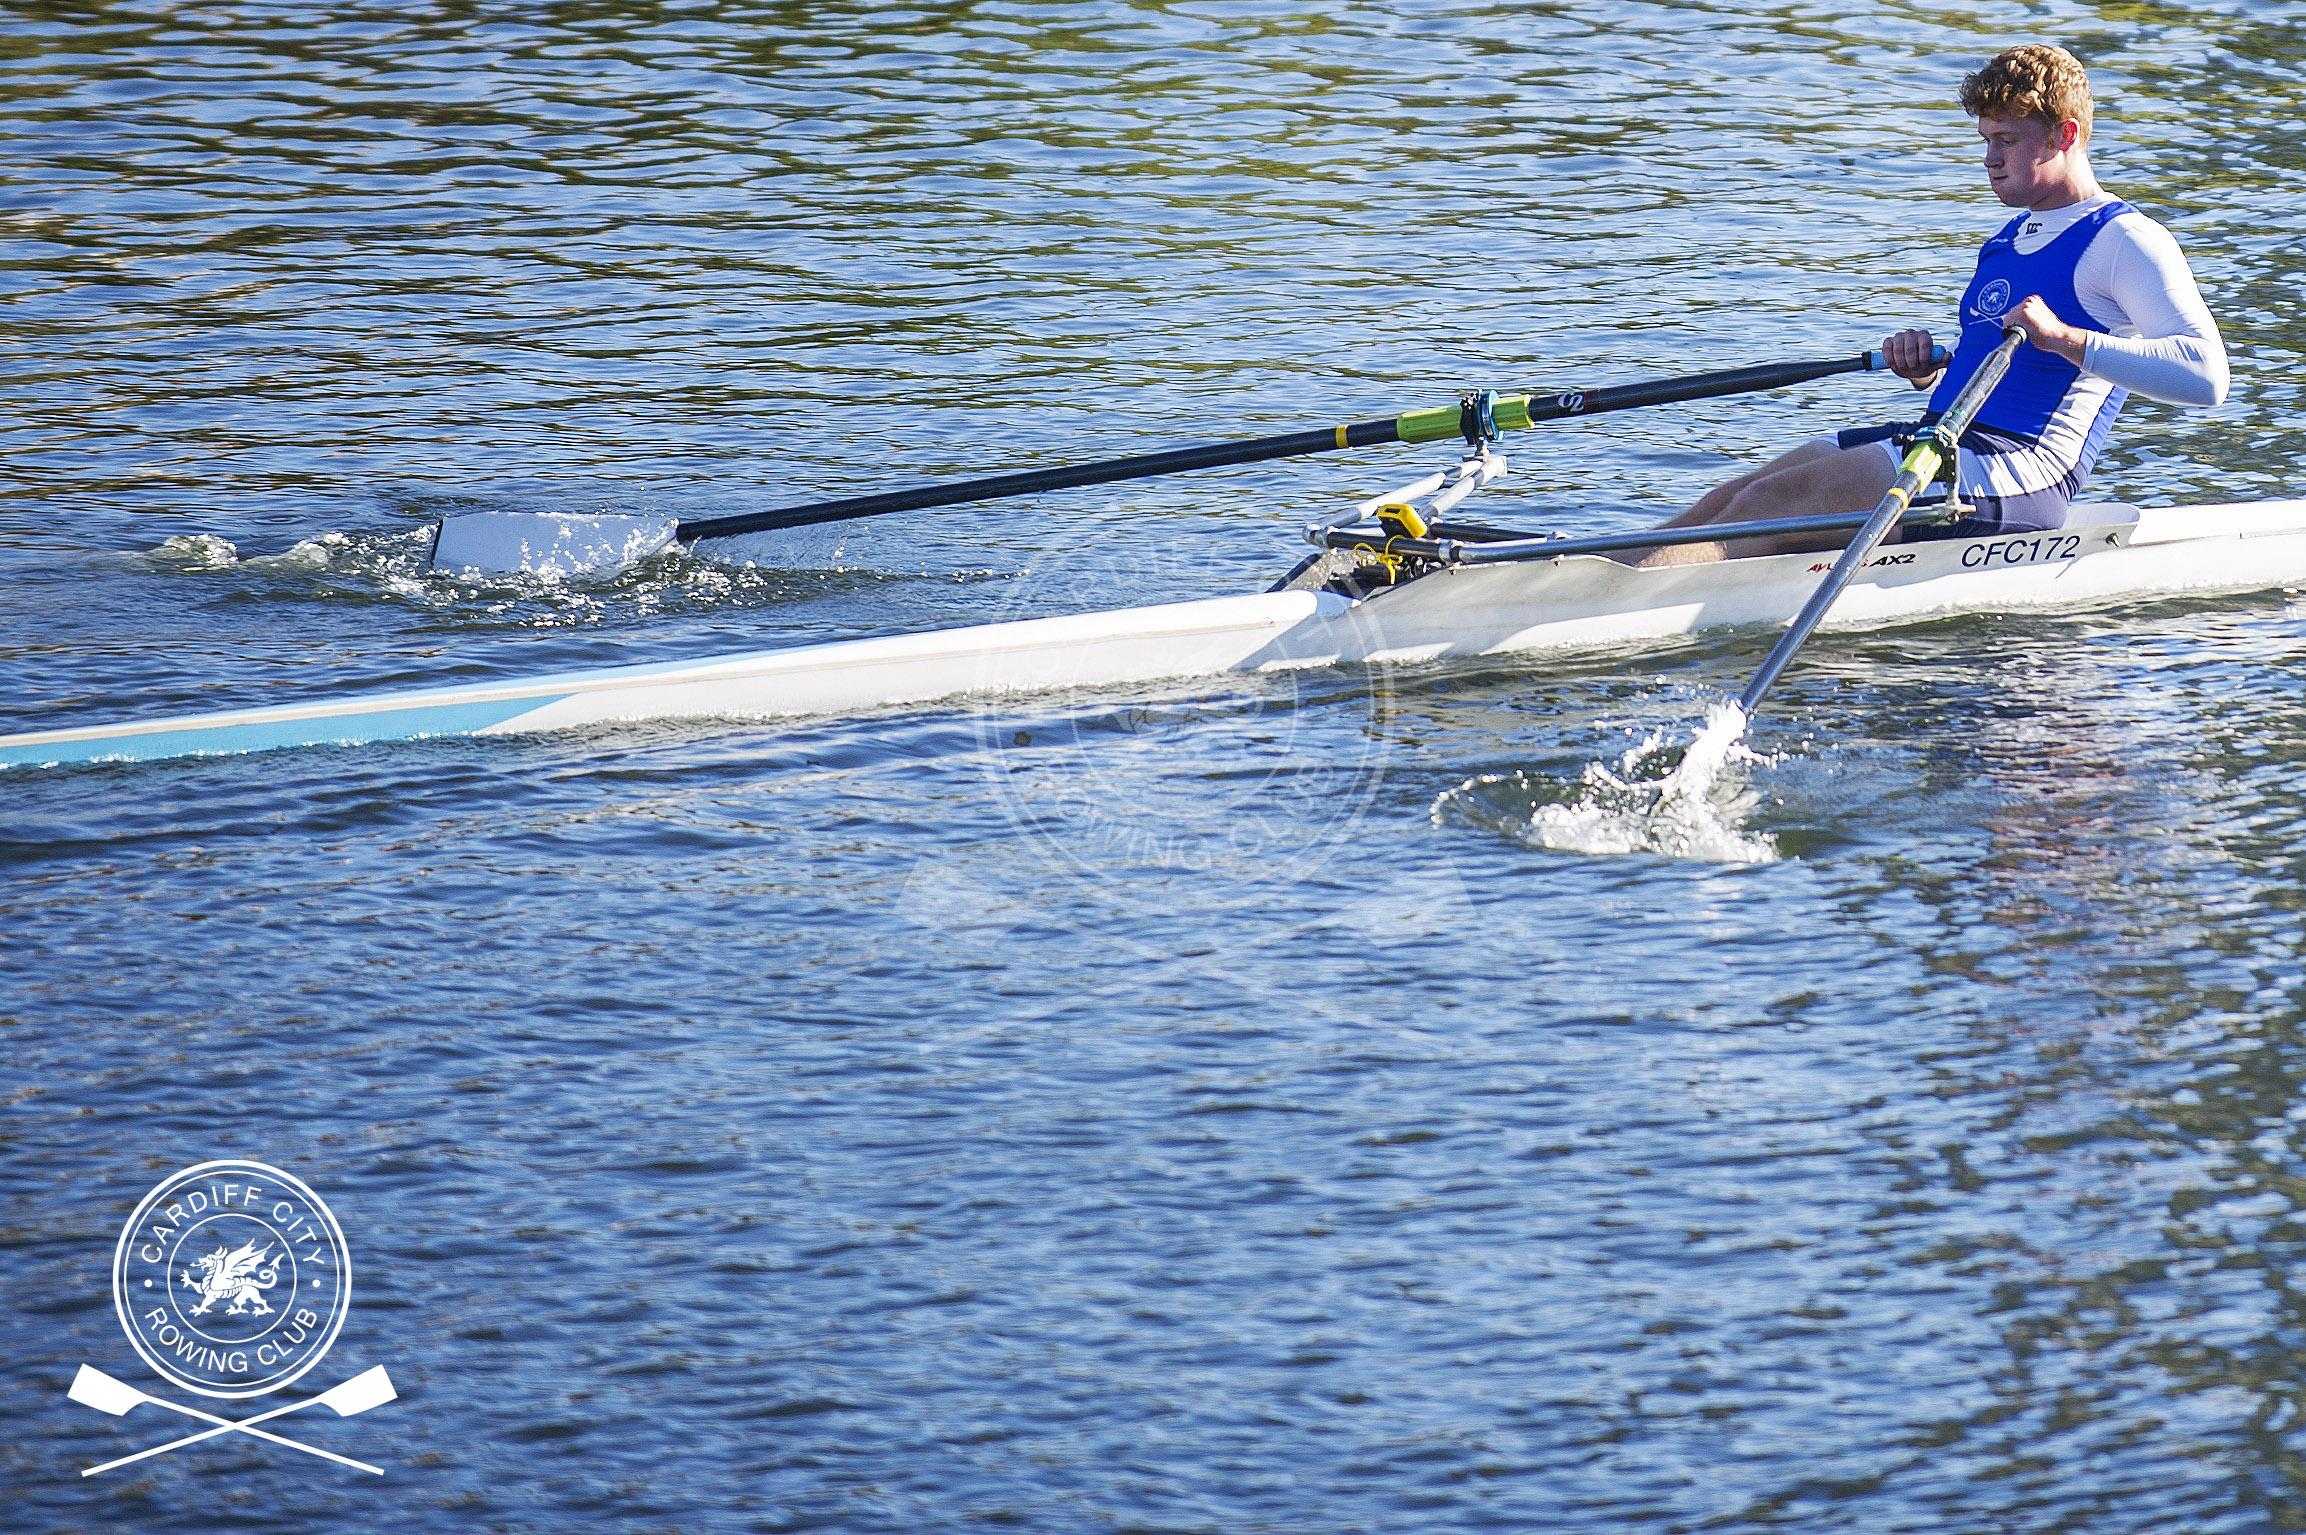 Cardiff_City_Head_Race_52.jpg